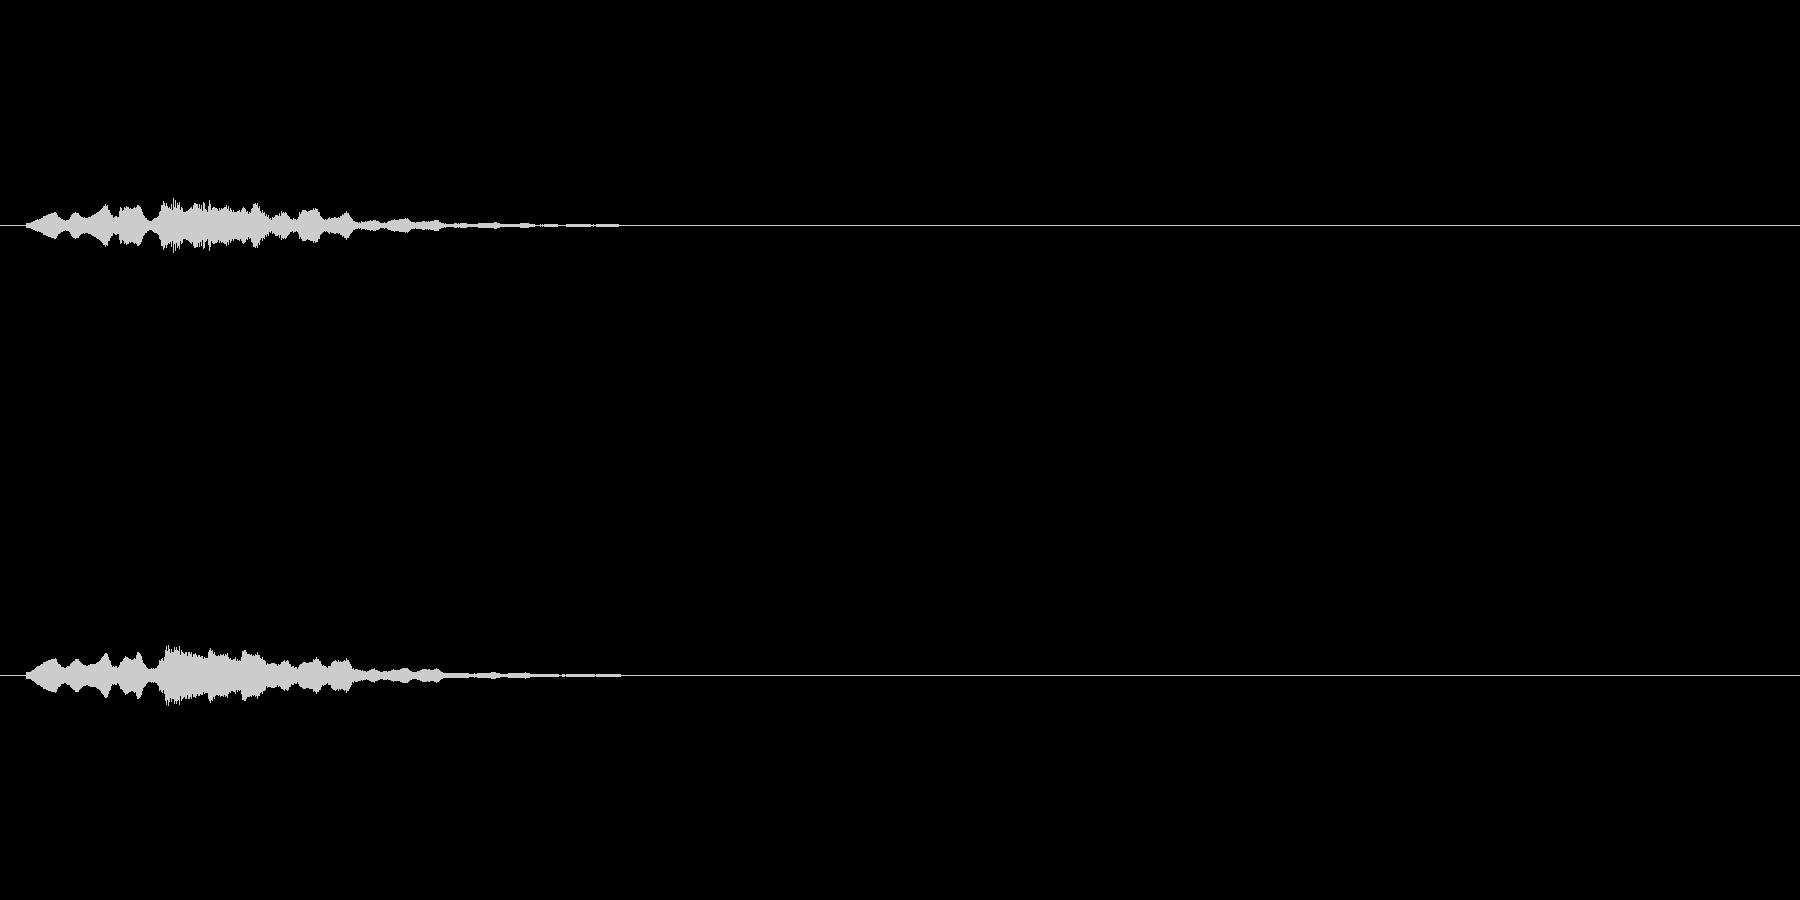 テロップの音・決定音・テローンテローンの未再生の波形